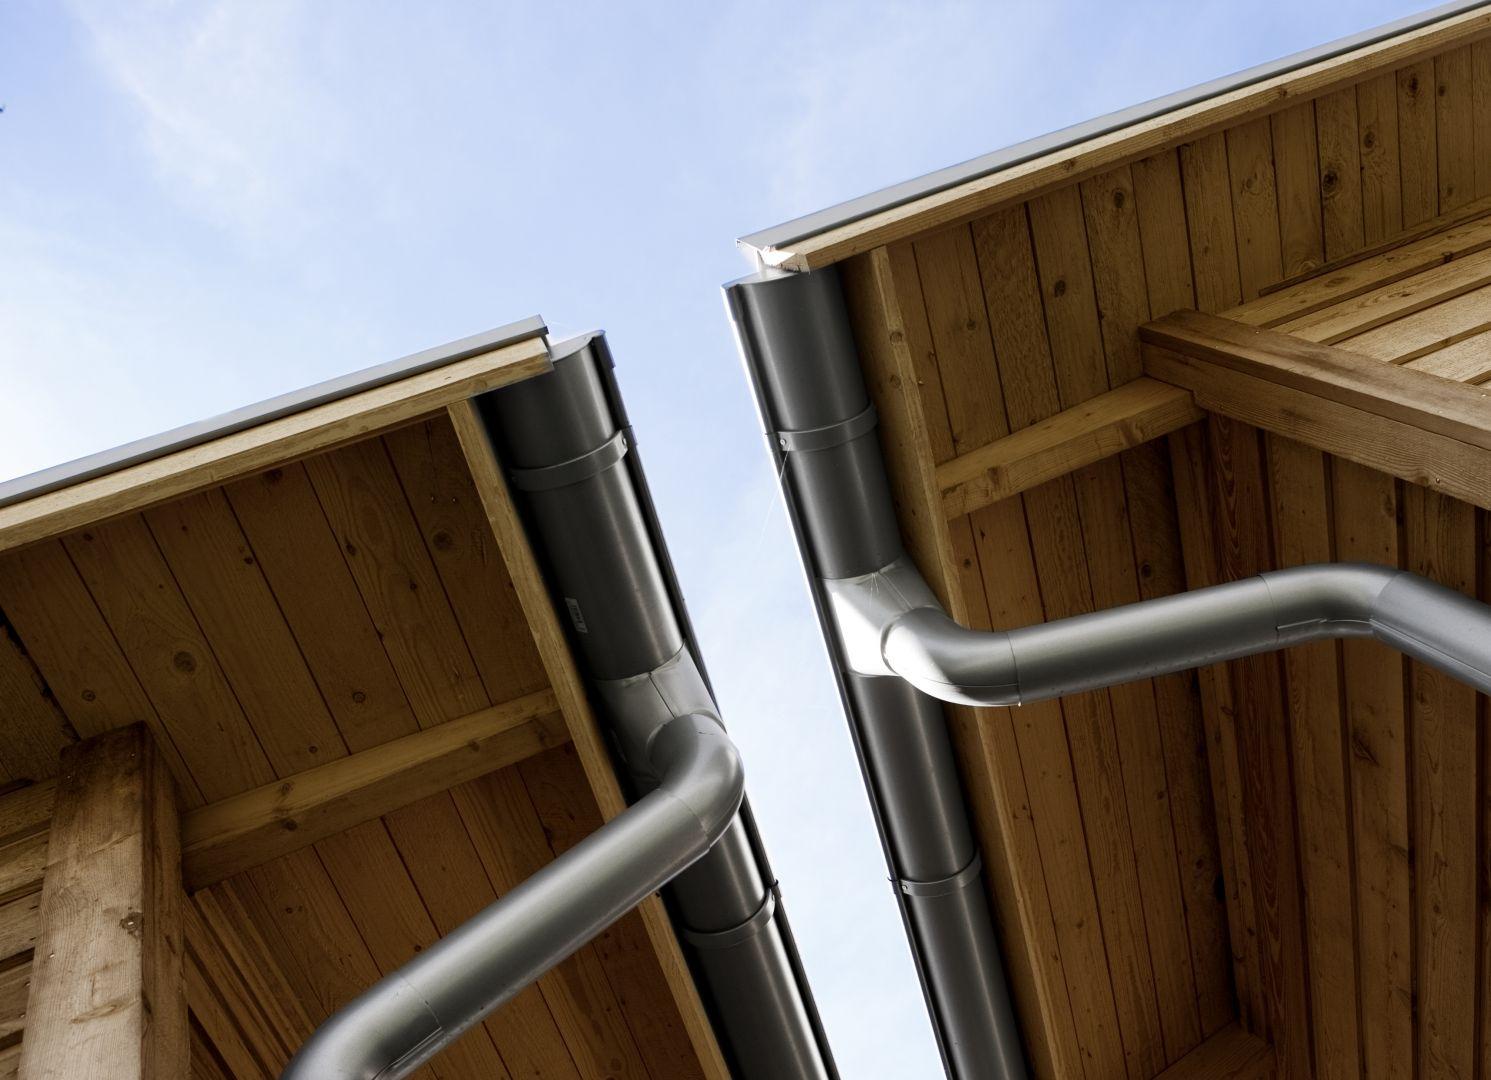 Systemy rynnowe Siba są wykonane z wysokiej jakości szwedzkiej stali cynkowanej na gorąco. Stal jest pokryta po obu stronach powłoką organiczną GreenCoat RWS, która cechuje się doskonałą odpornością na promieniowanie UV, zarysowania oraz zbieranie się brudu. Fot. Ruukki